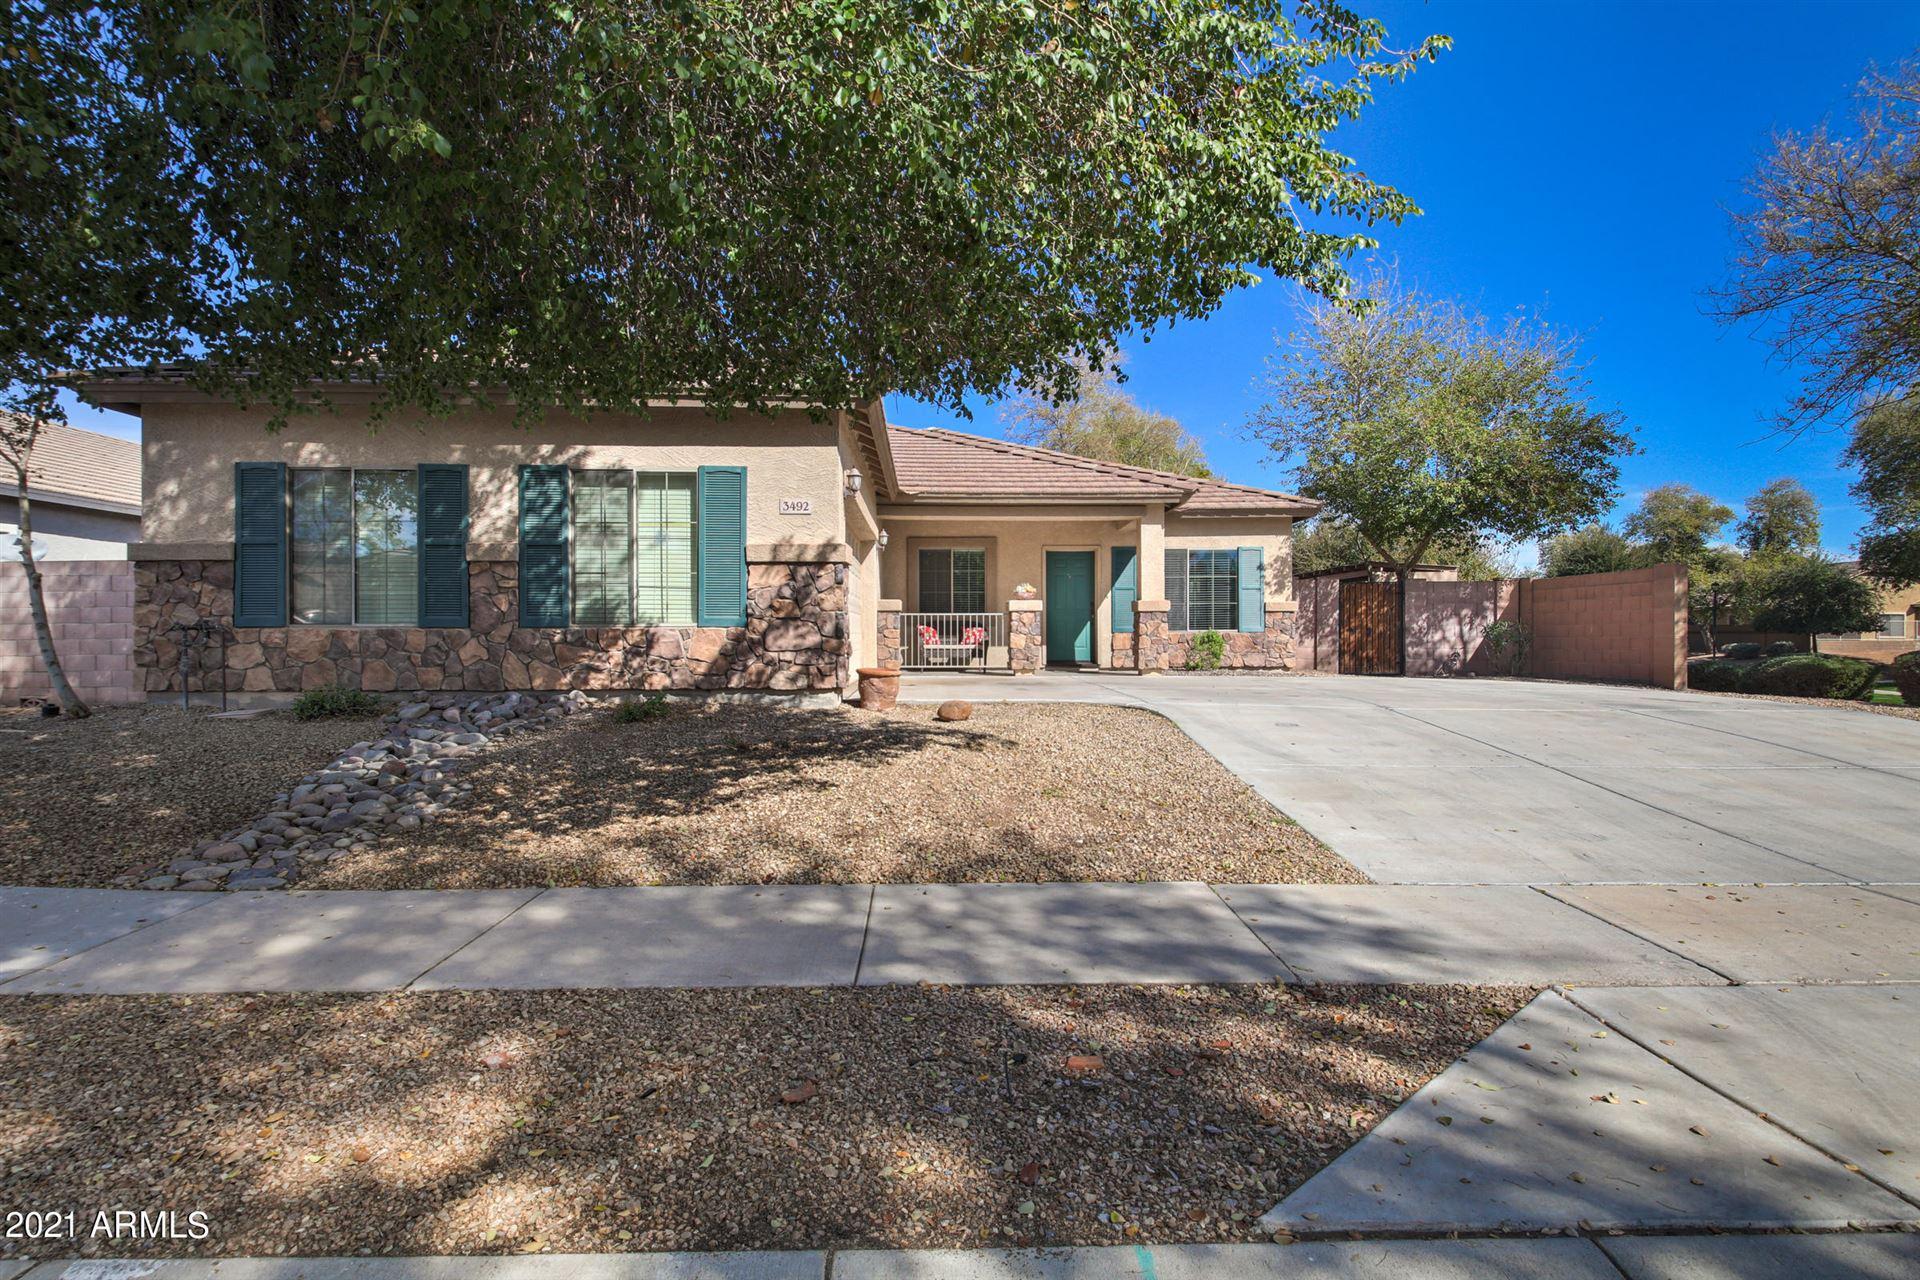 Photo of 3492 E ELGIN Street, Gilbert, AZ 85295 (MLS # 6202090)